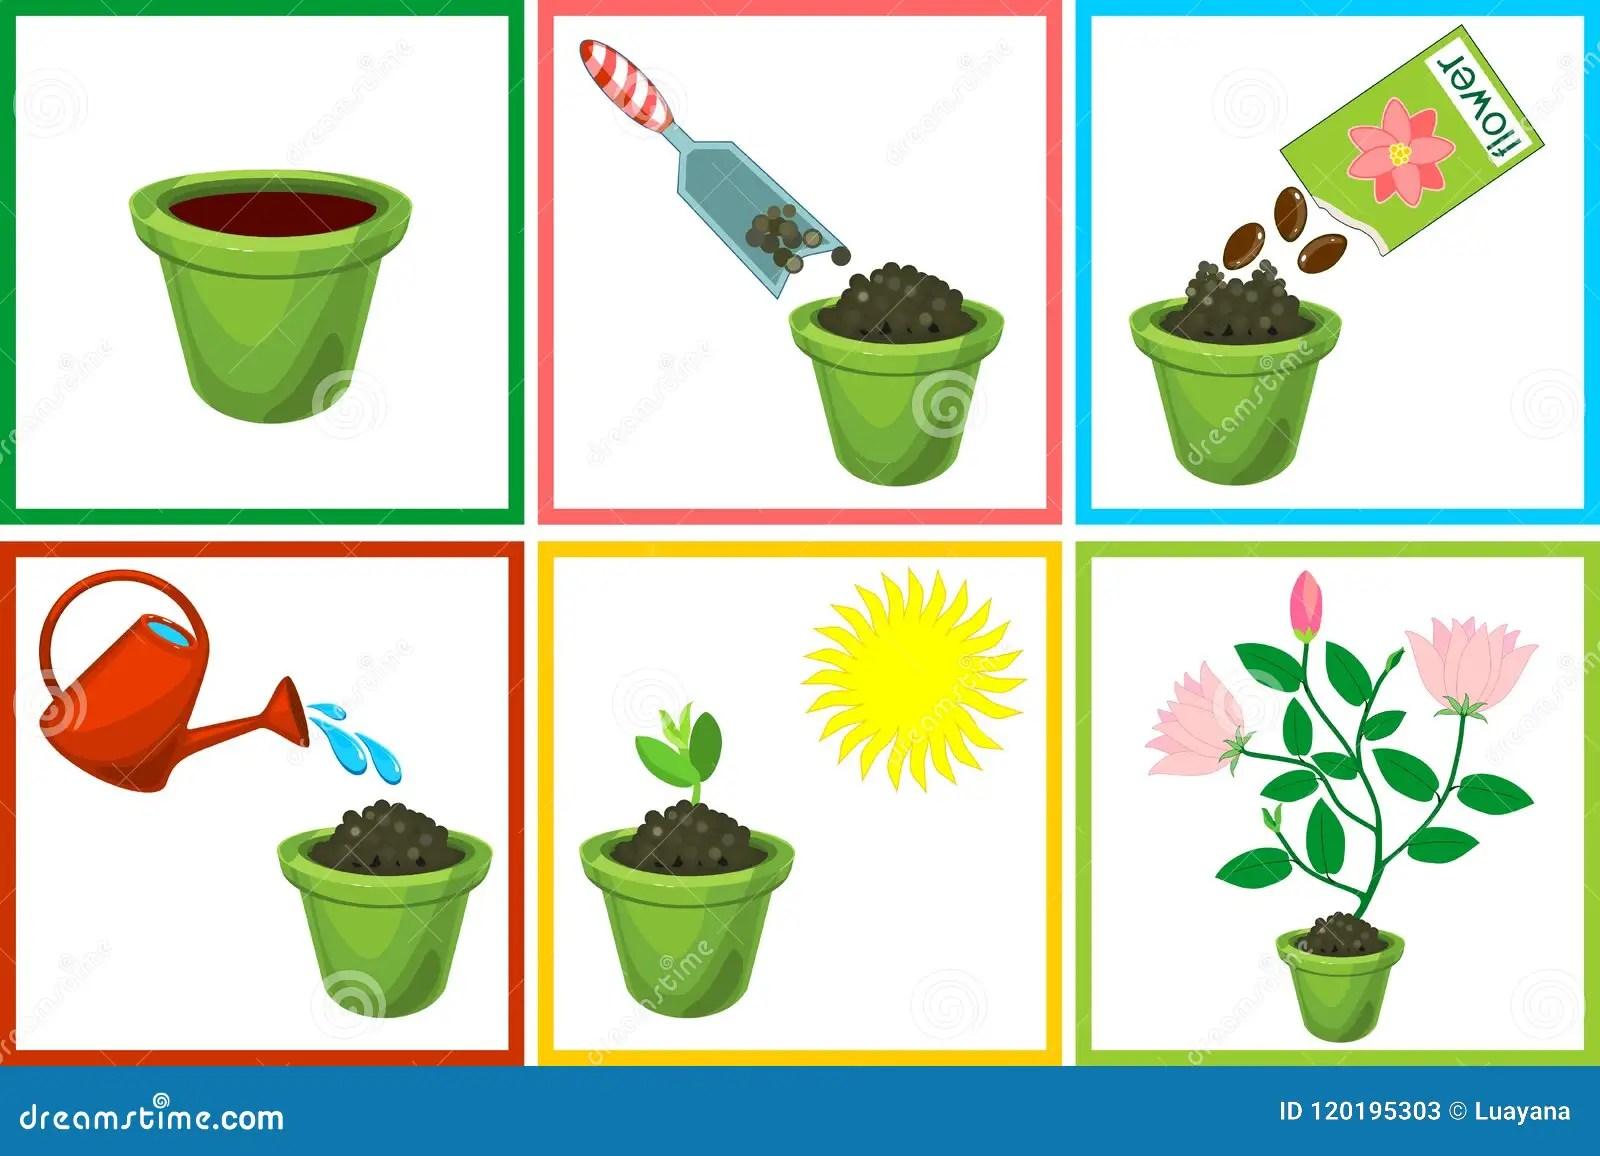 Instructies Op Hoe Te Om Bloem In Zes Stappen Te Planten